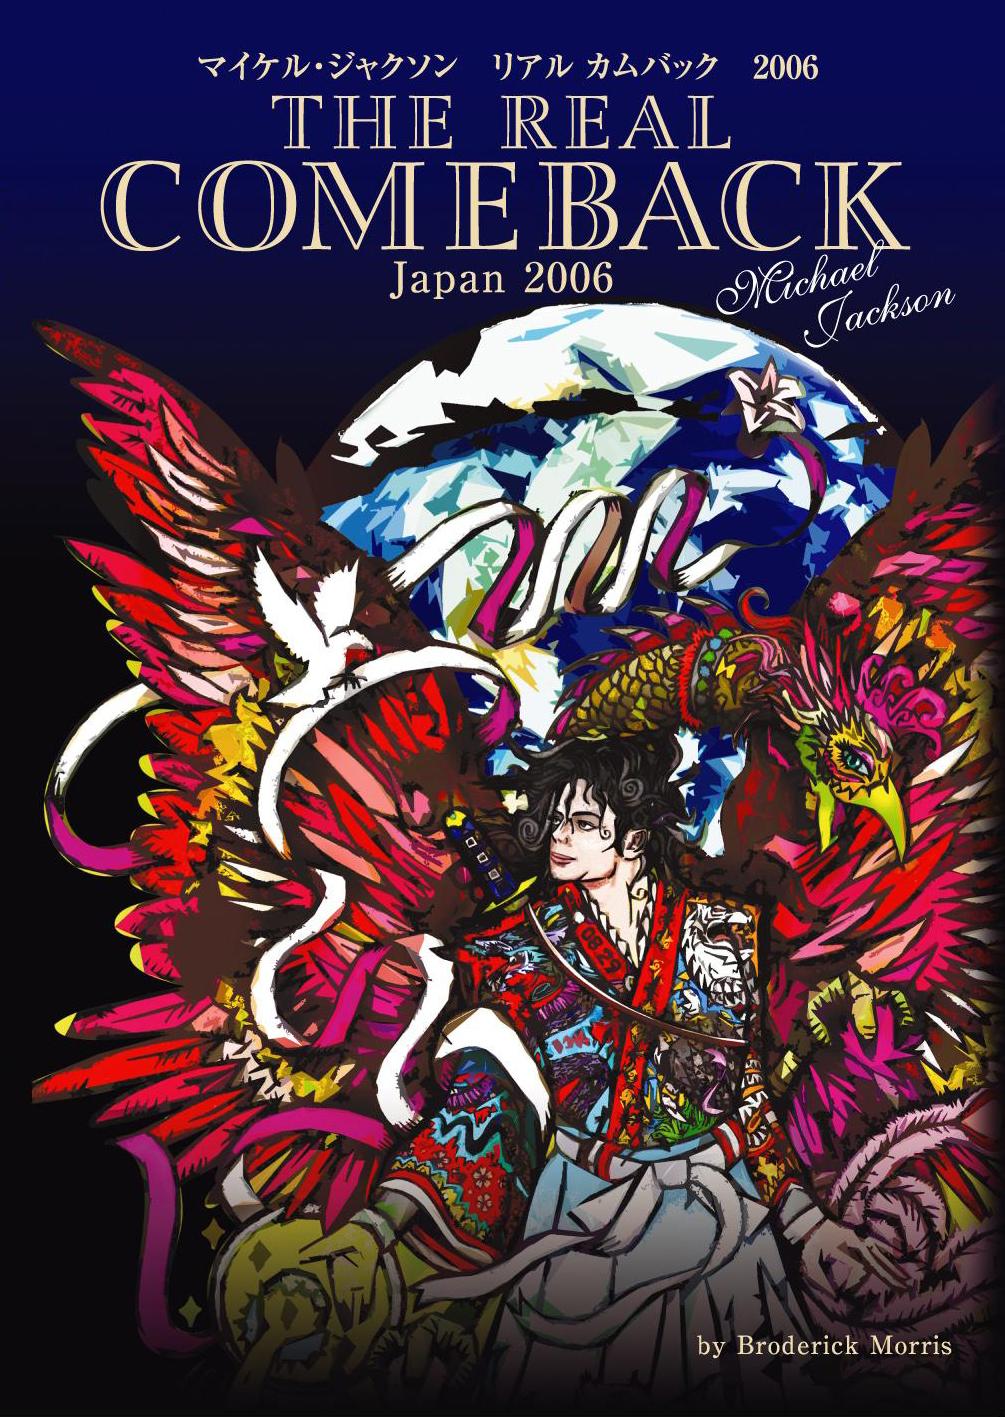 表紙:マイケル・ジャクソン リアルカムバック 2006 《THE REAL COMEBACK Japan 2006》